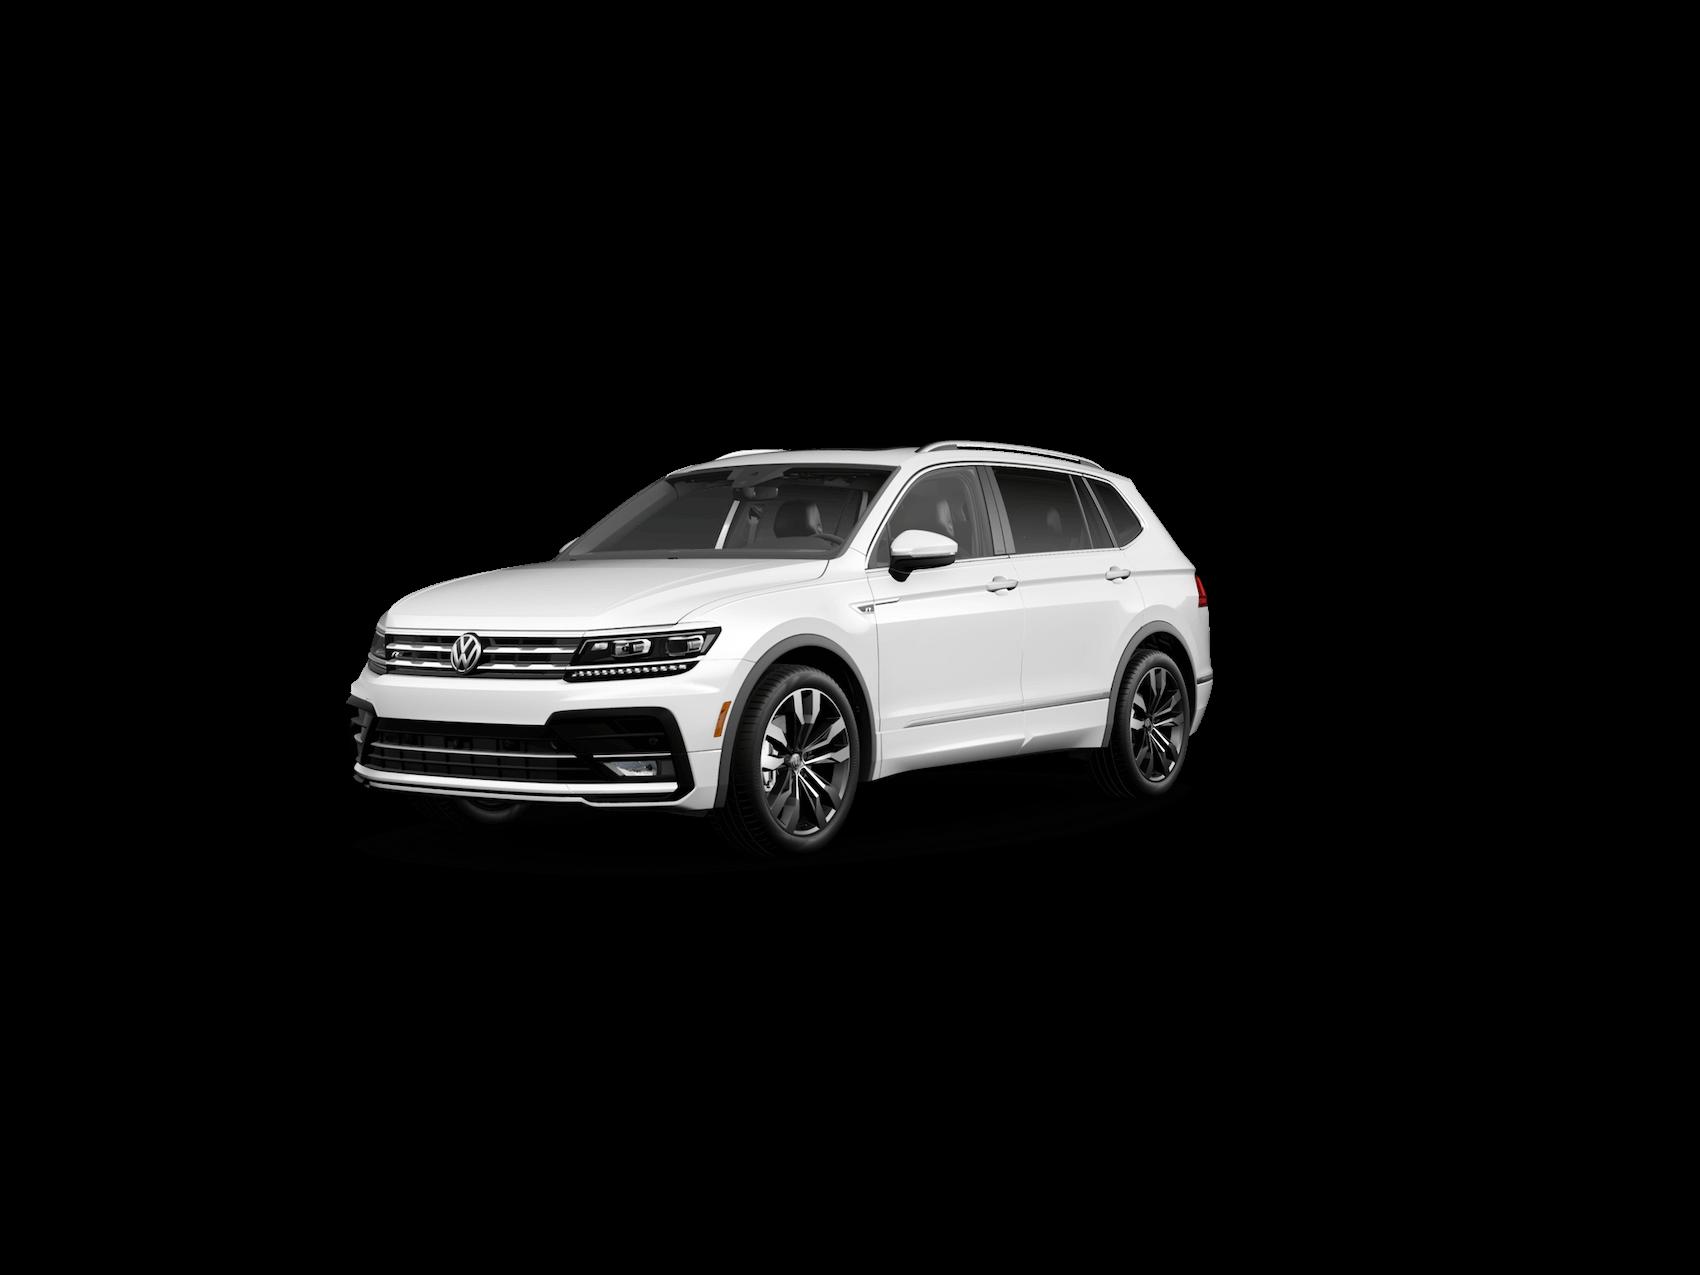 VW Tiguan Pure White